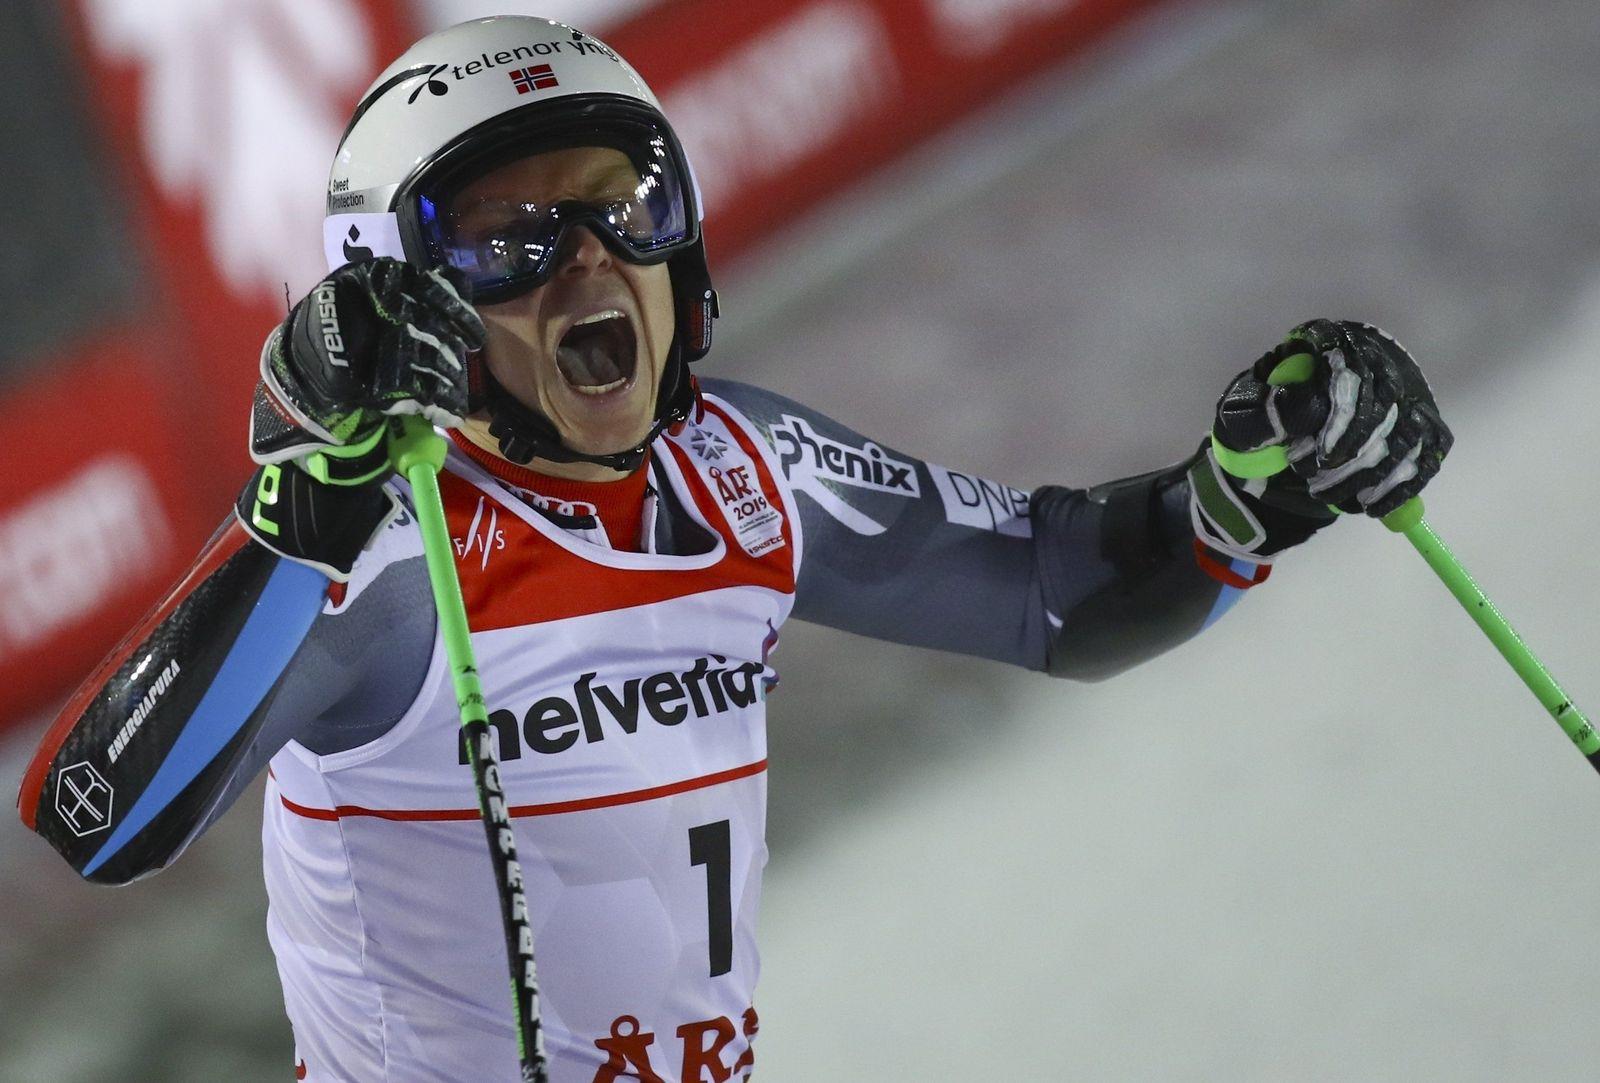 Ski alpin Henrik Kristoffersen